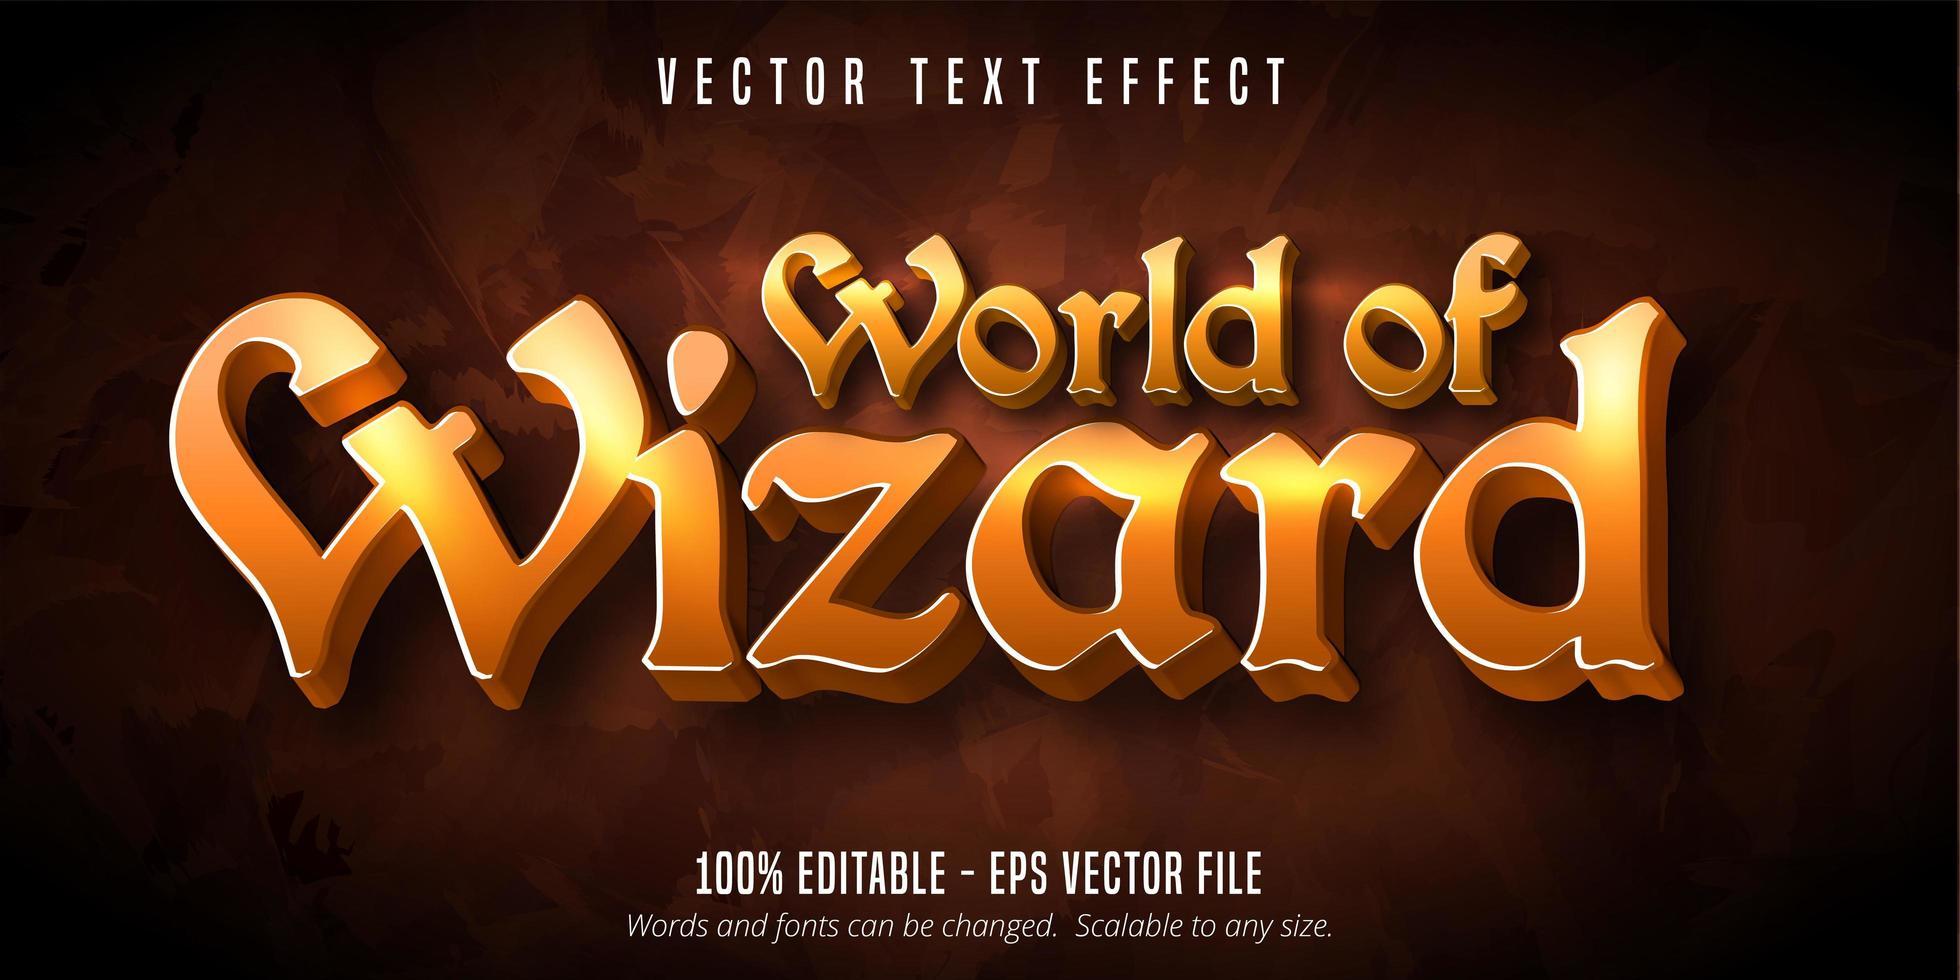 World of Wizard Orange Farbverlauf alten Stil Texteffekt vektor